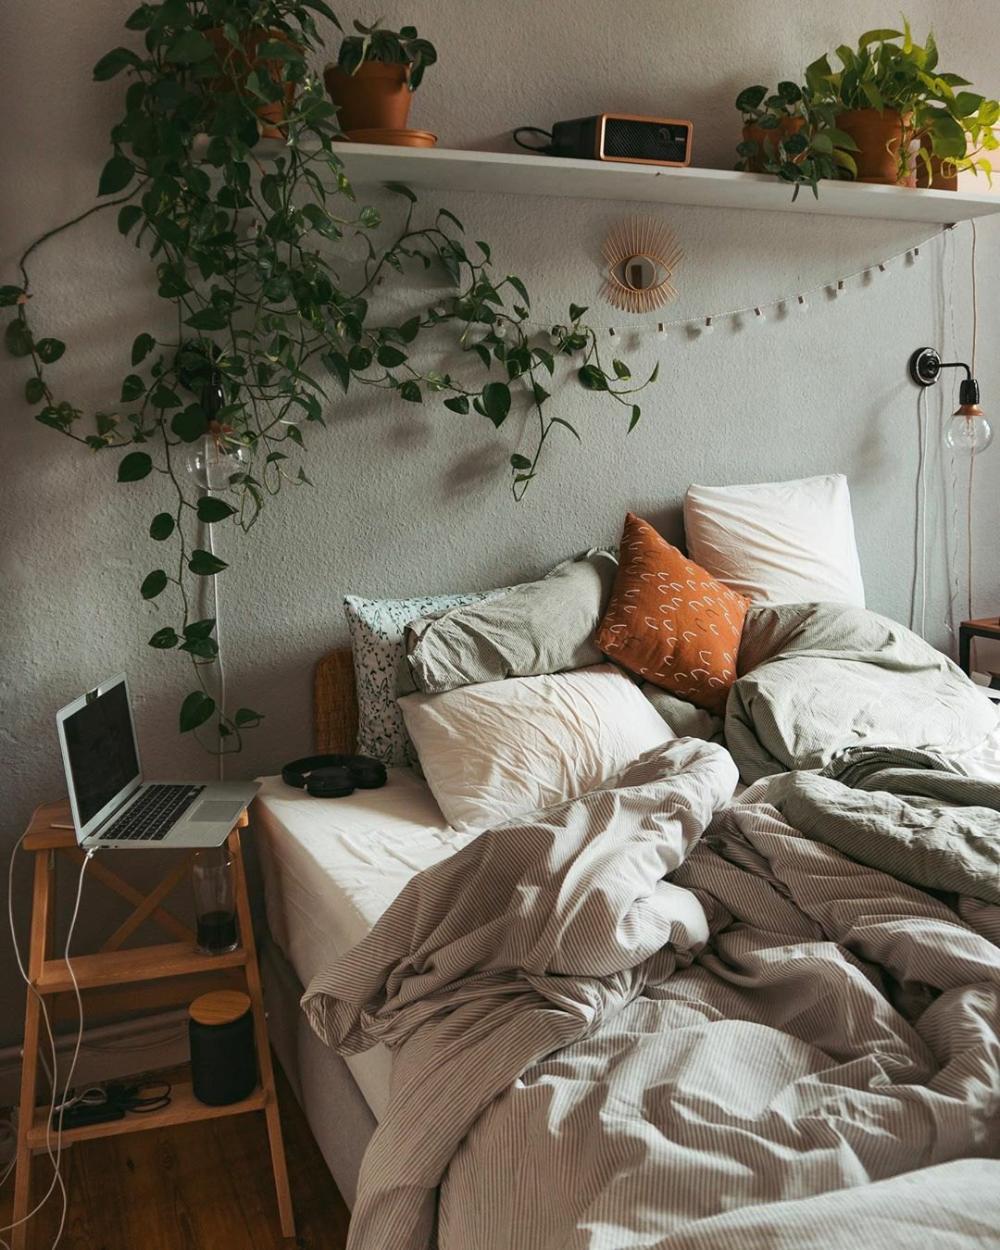 Cosy Hearth In 2020 Earthy Bedroom Room Ideas Bedroom Bedroom Interior